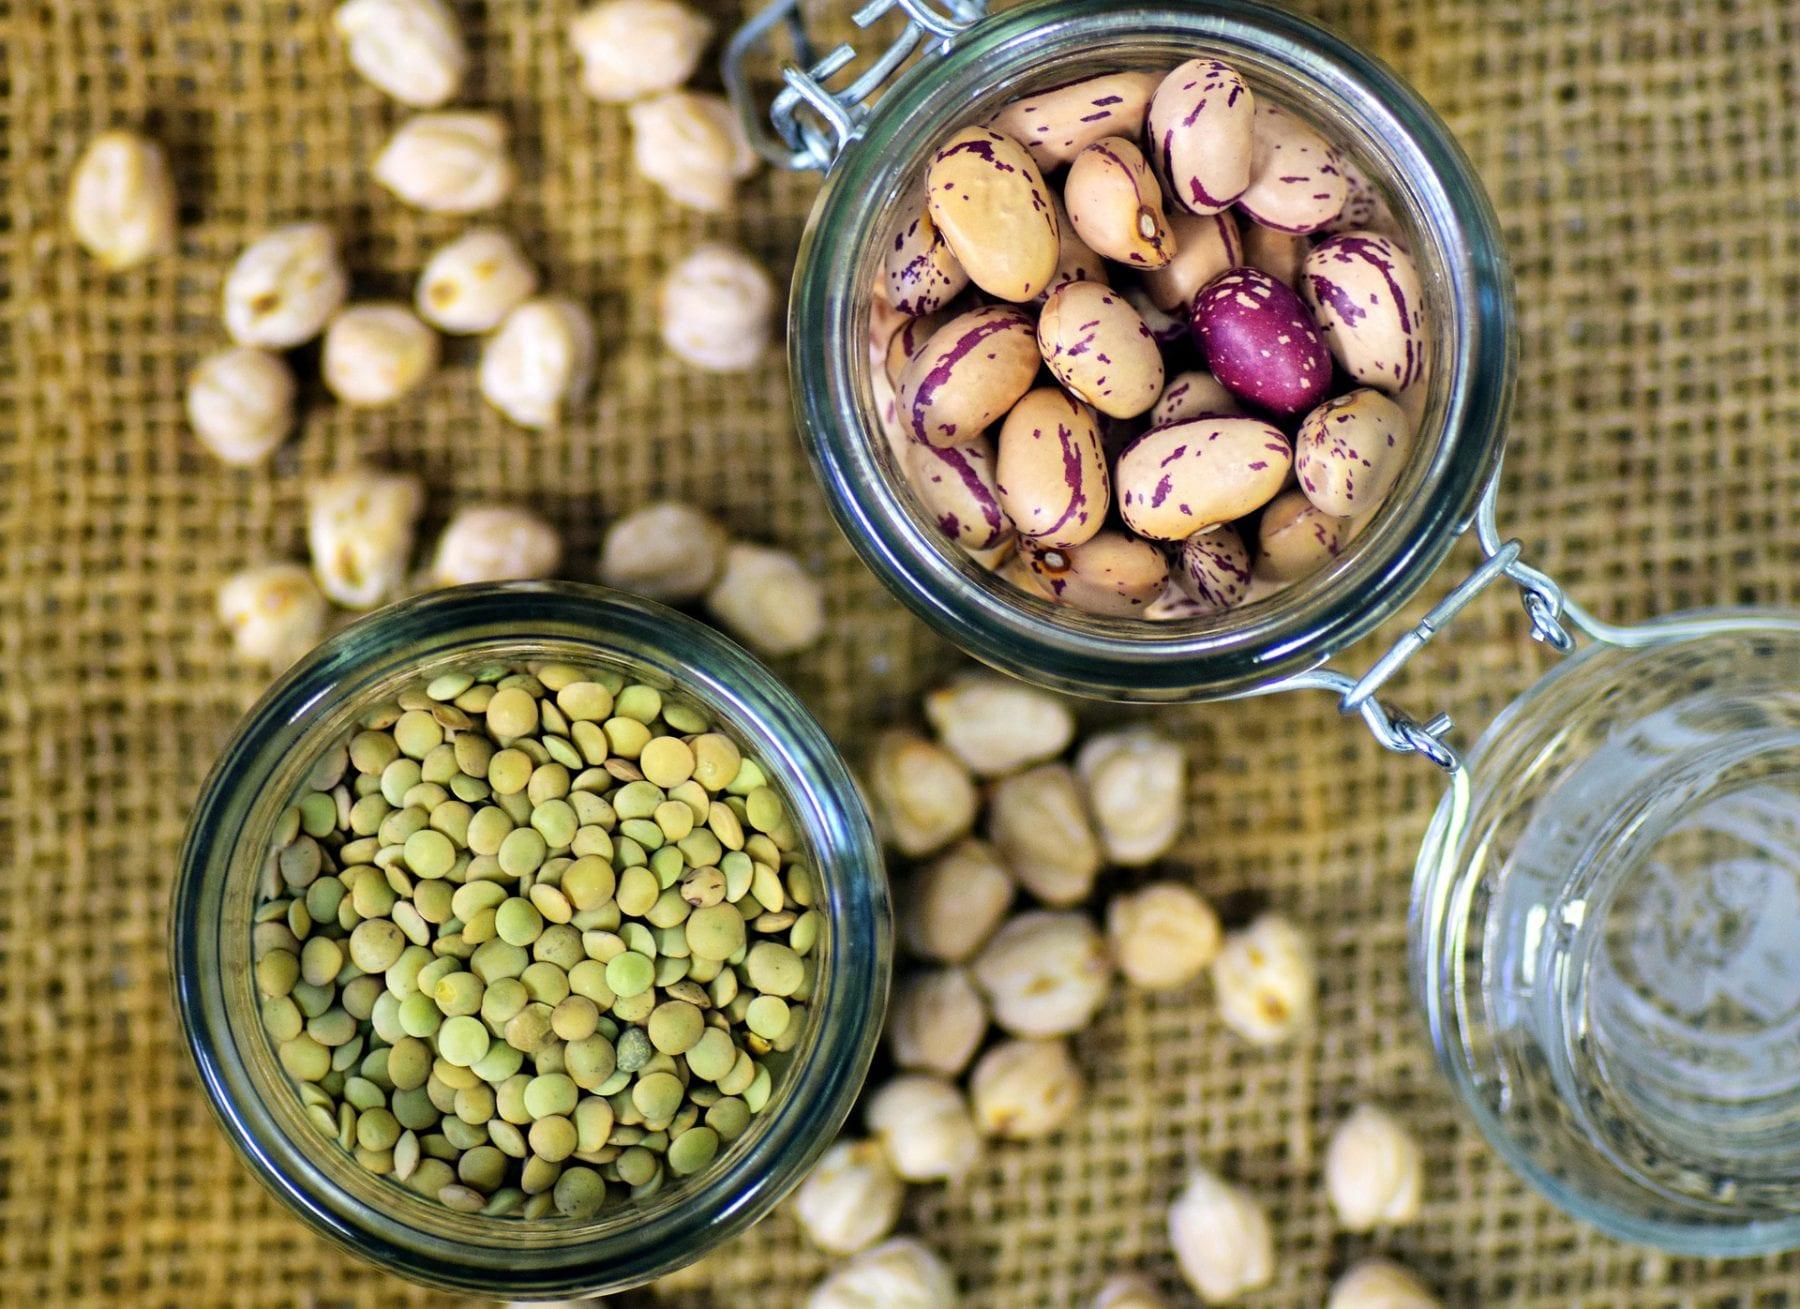 Topmoderne Vegan Guide | Grønne proteiner til en vegansk livsstil KM-86